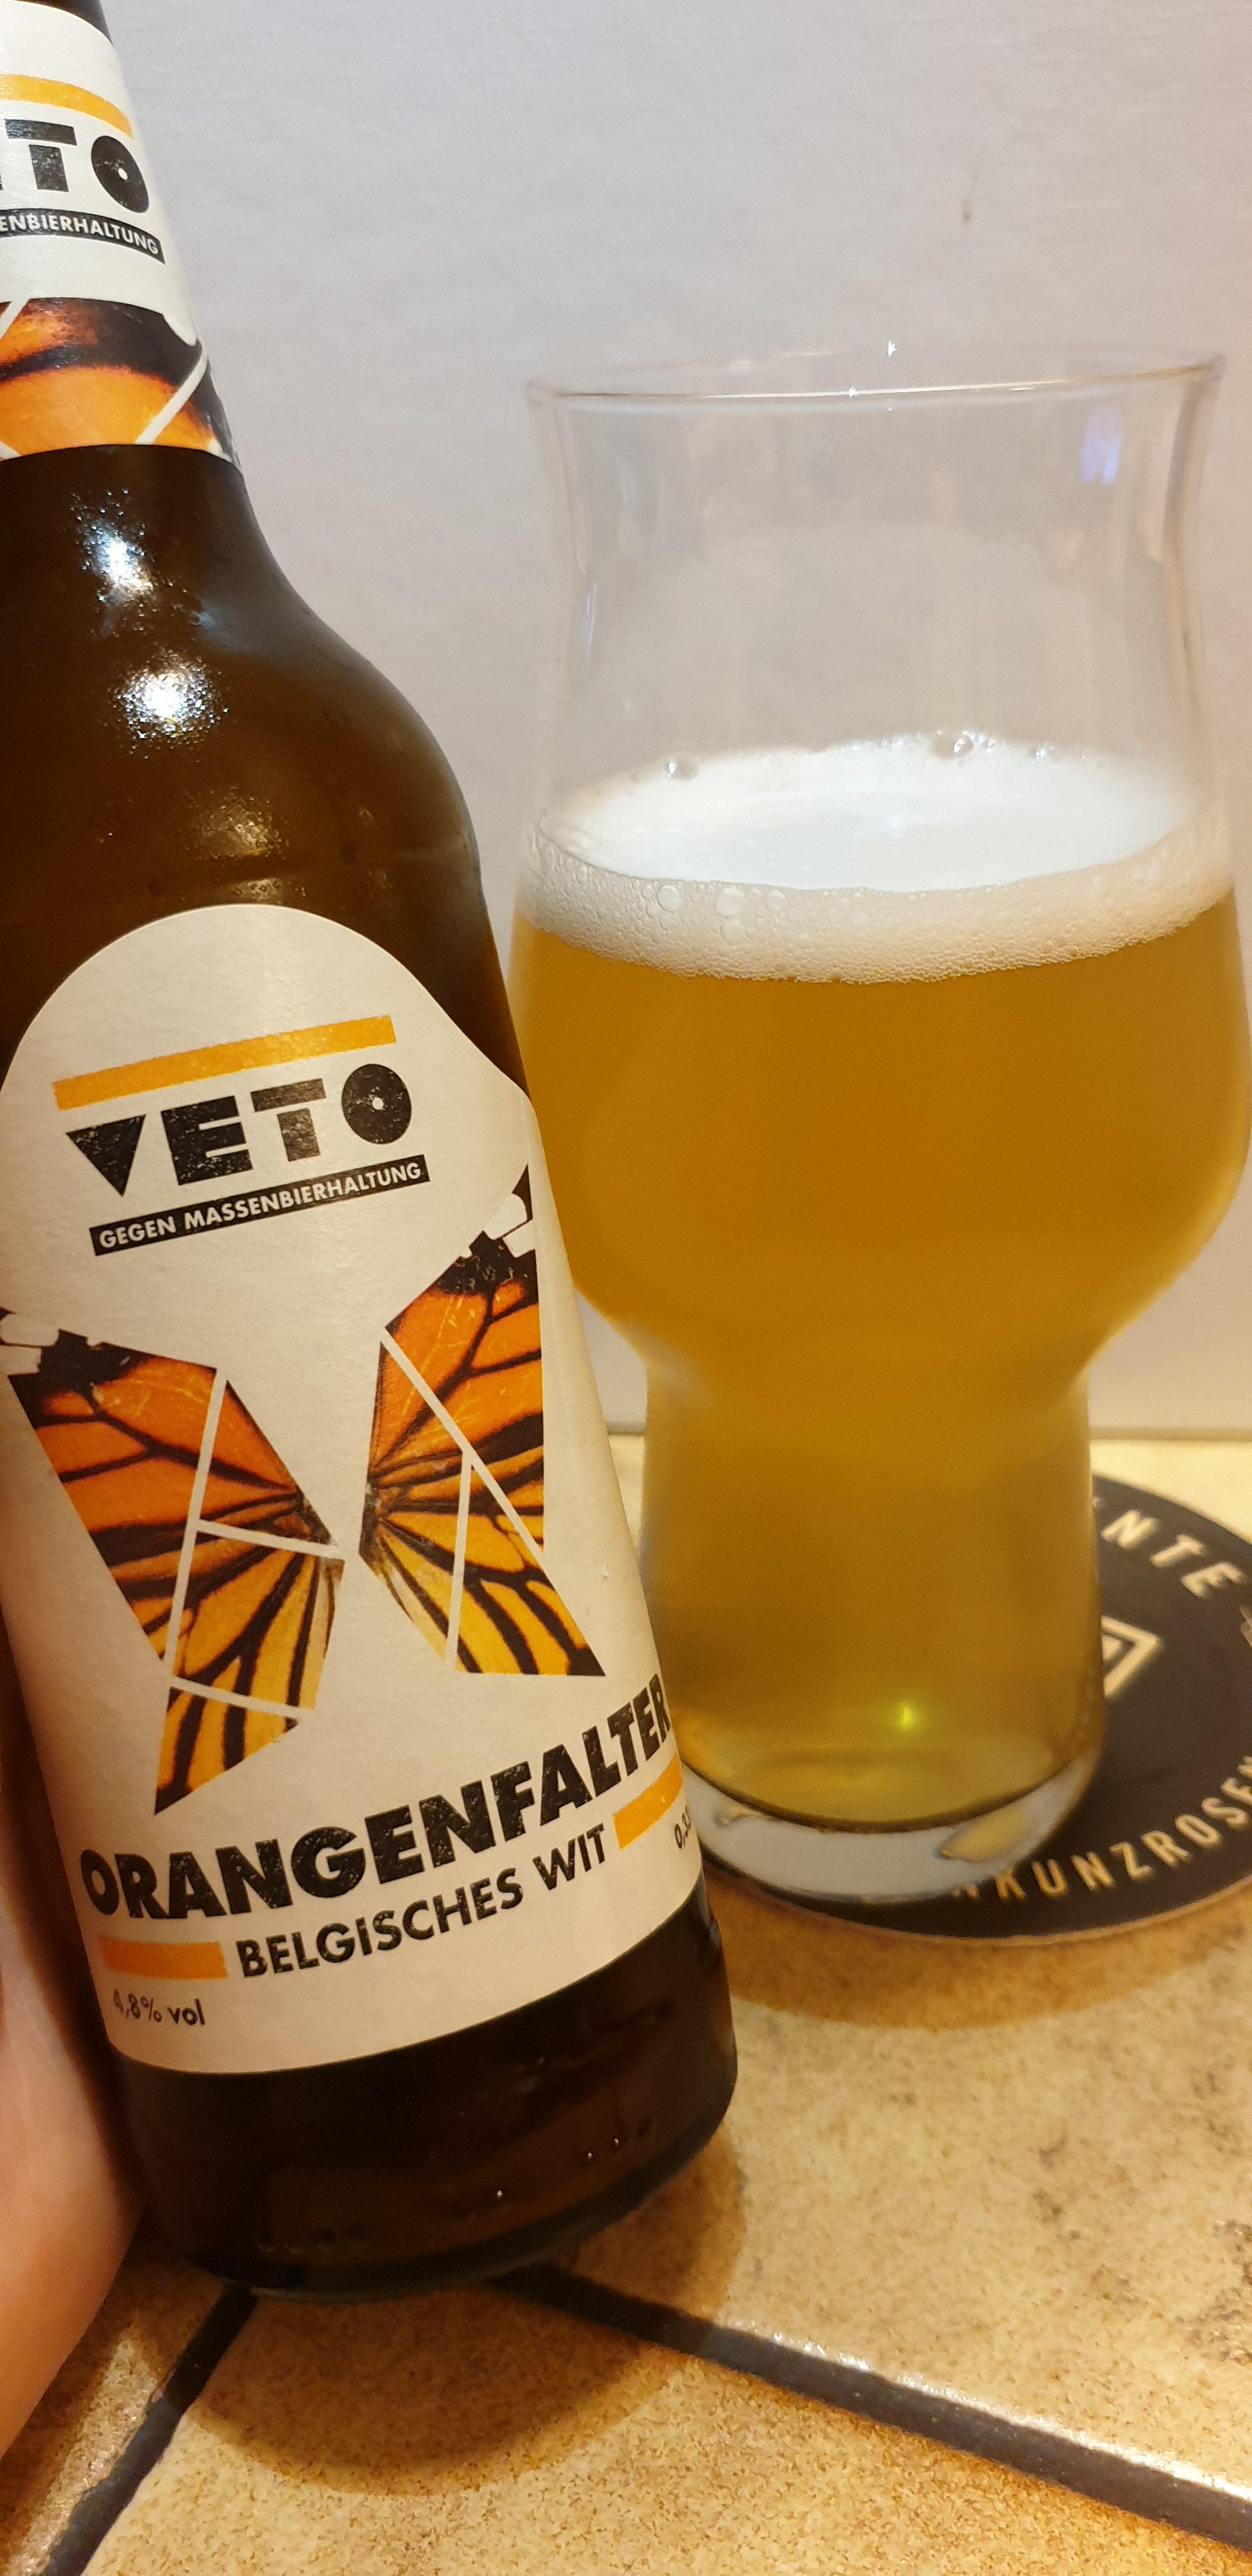 """Hopferei-Hertrich """"Veto"""" – Orangenfalter"""